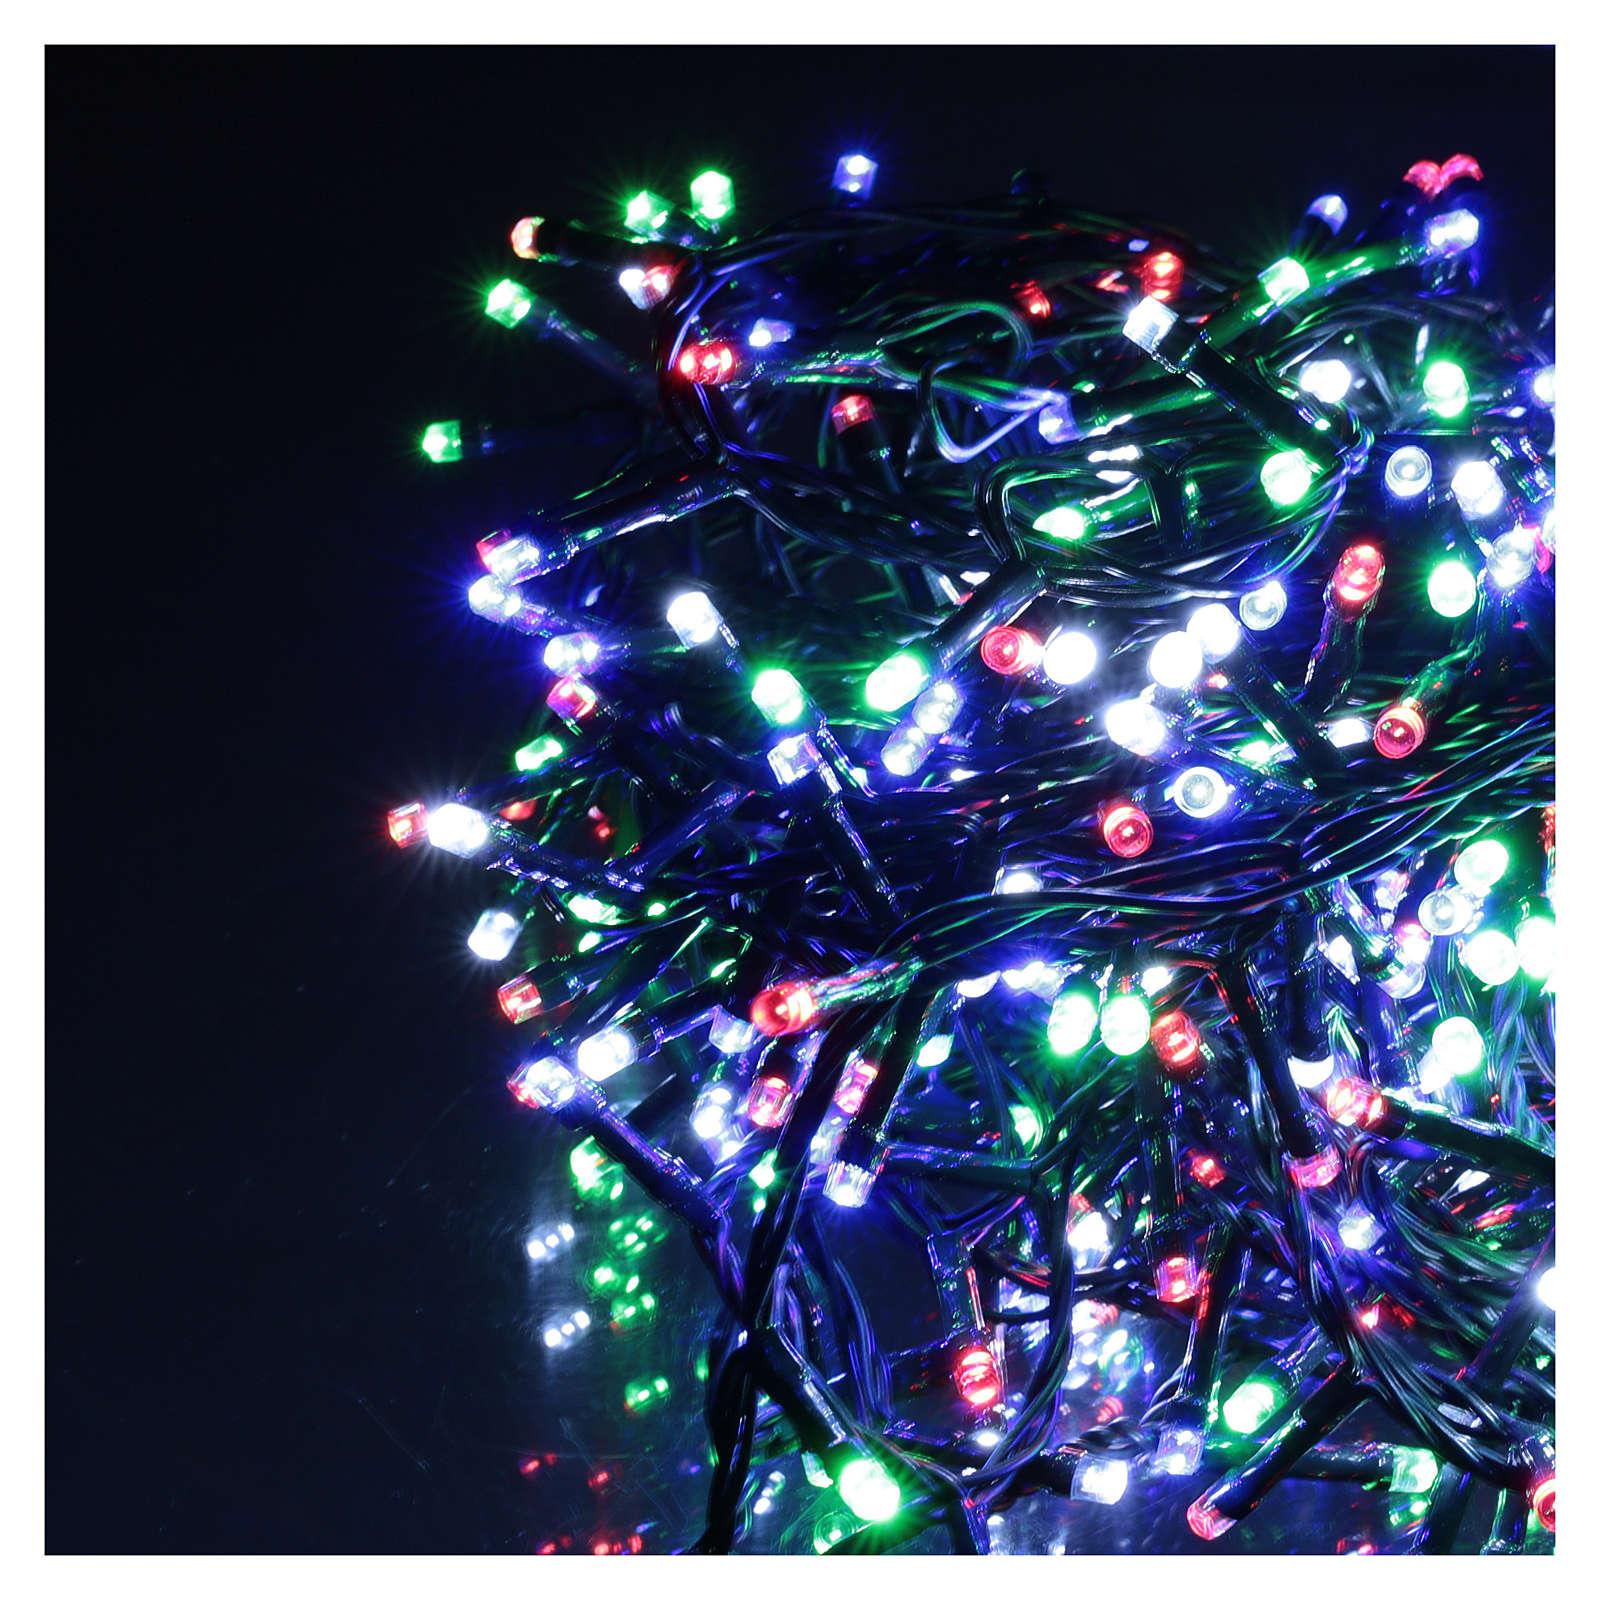 Cadena luminosa Navidad 360 led multicolor para exterior con controller 3